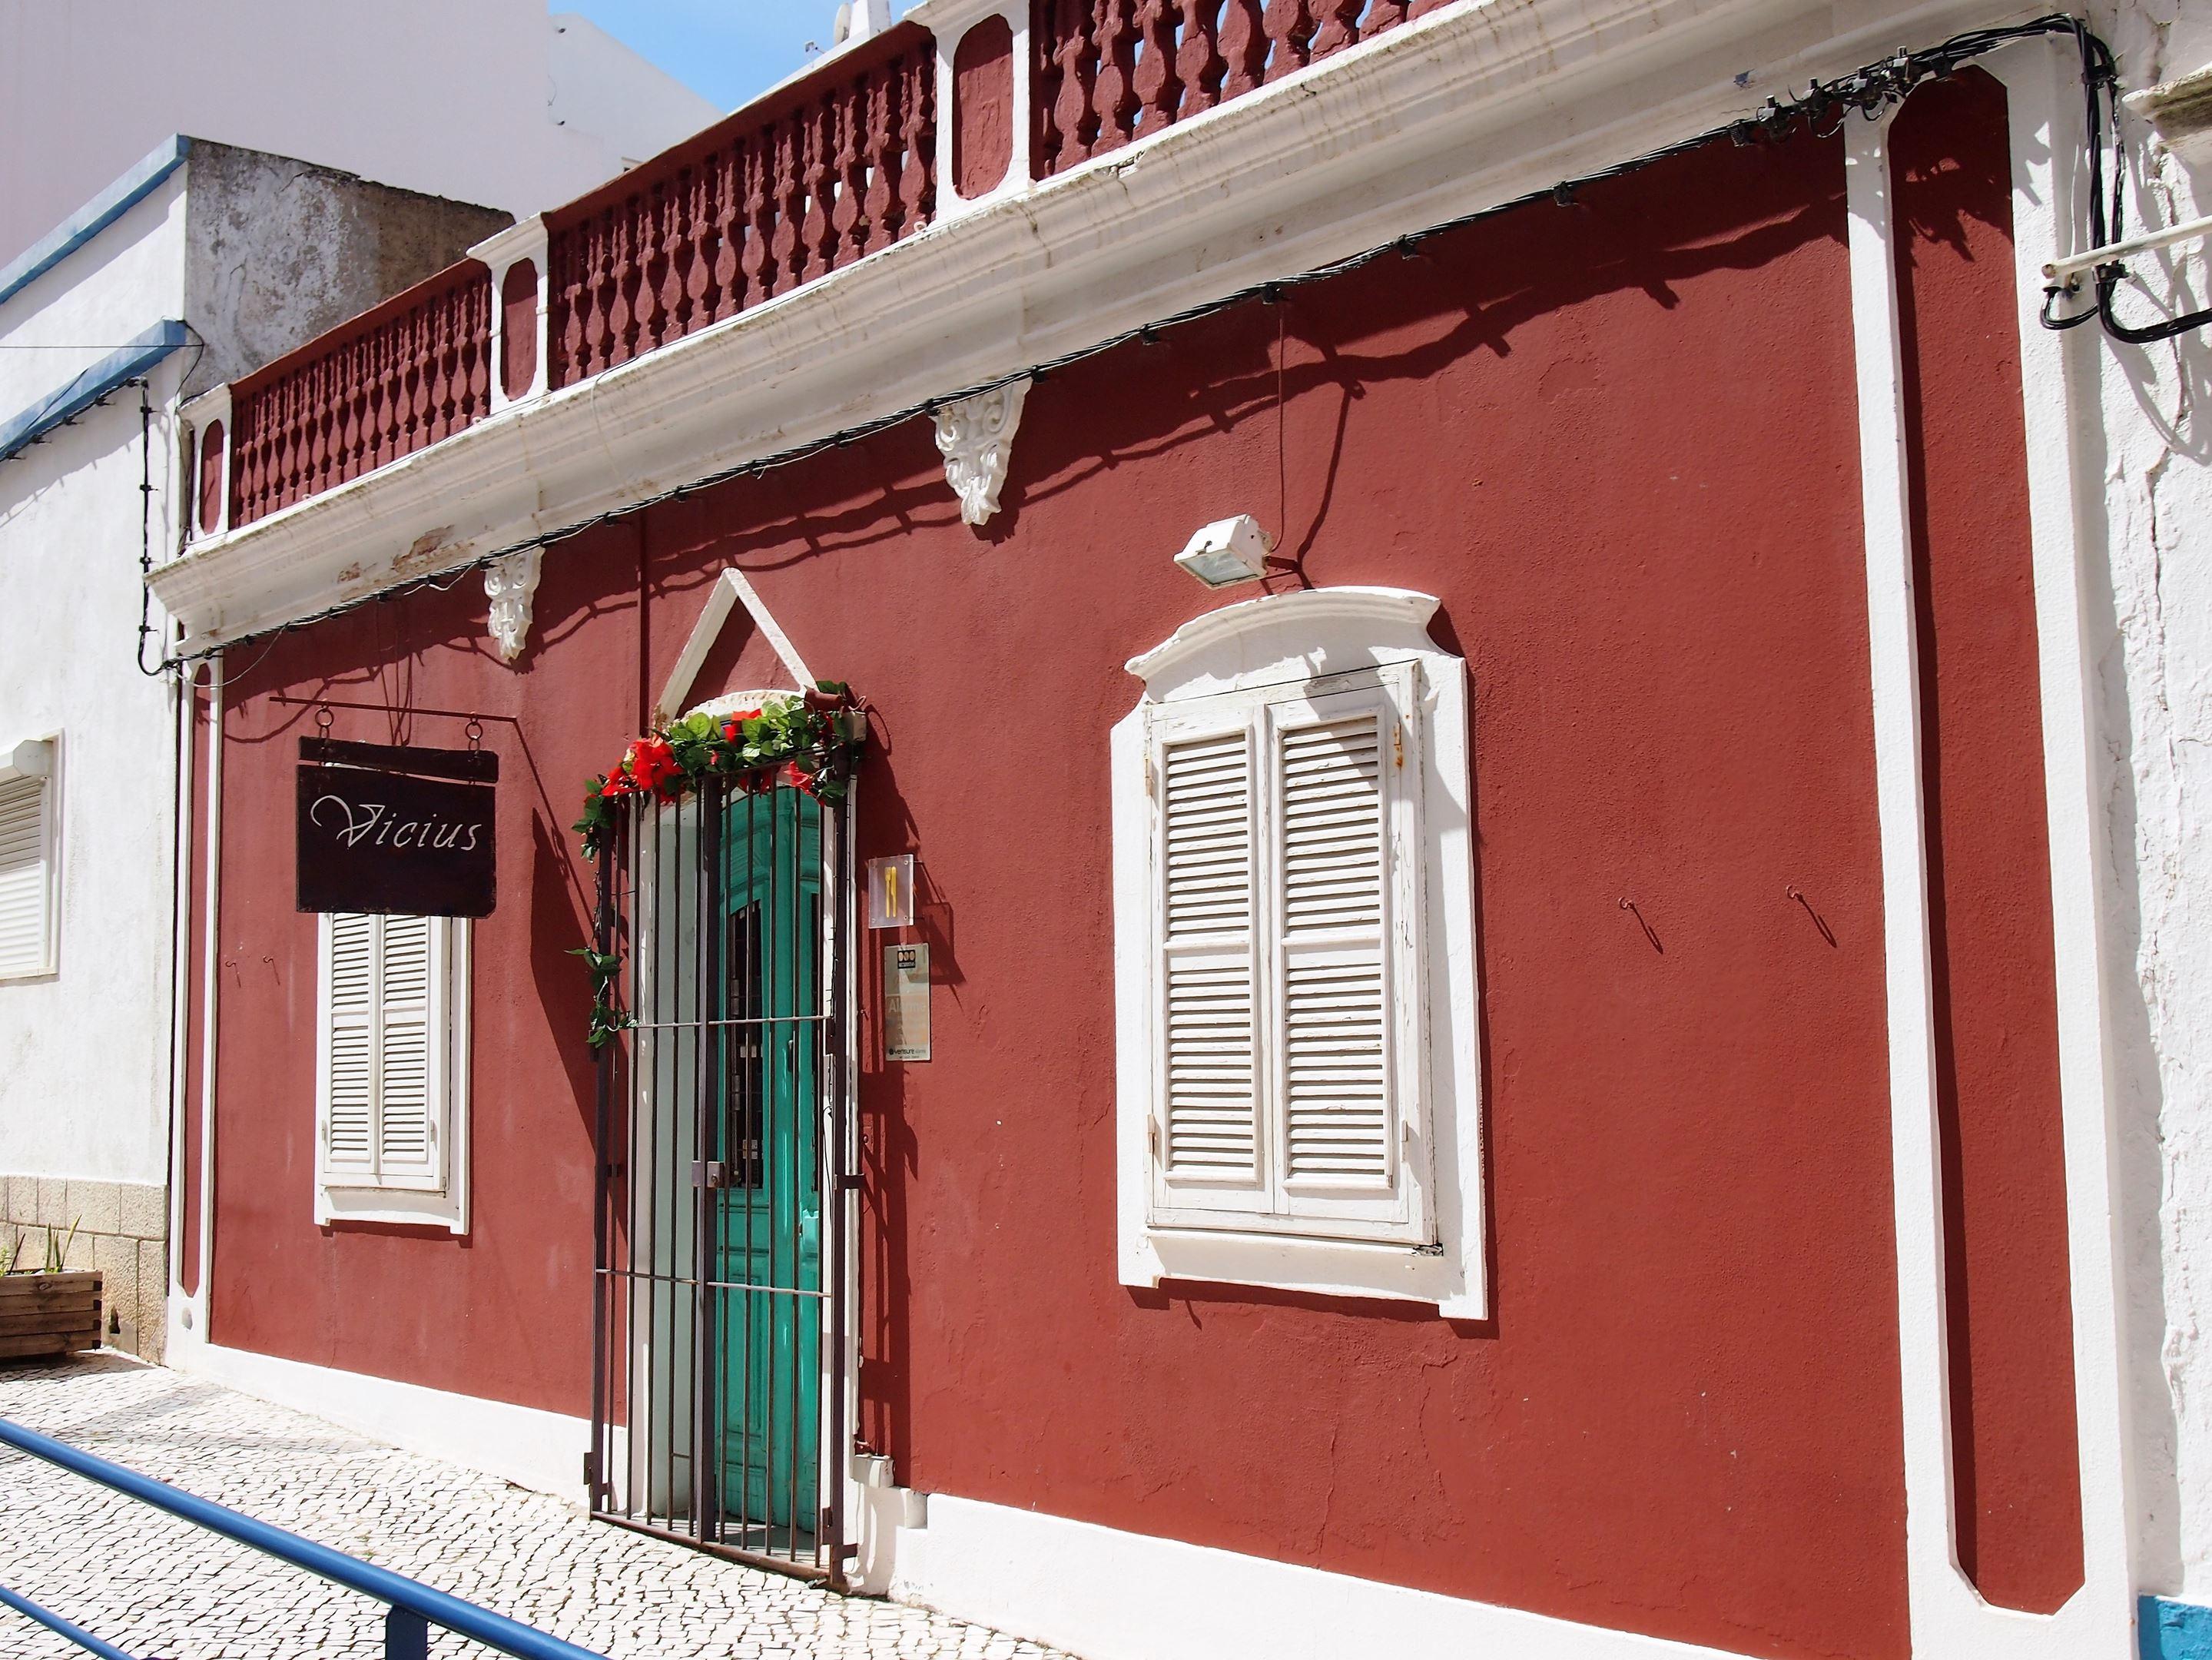 Vicius restaurant, Monte Gordo